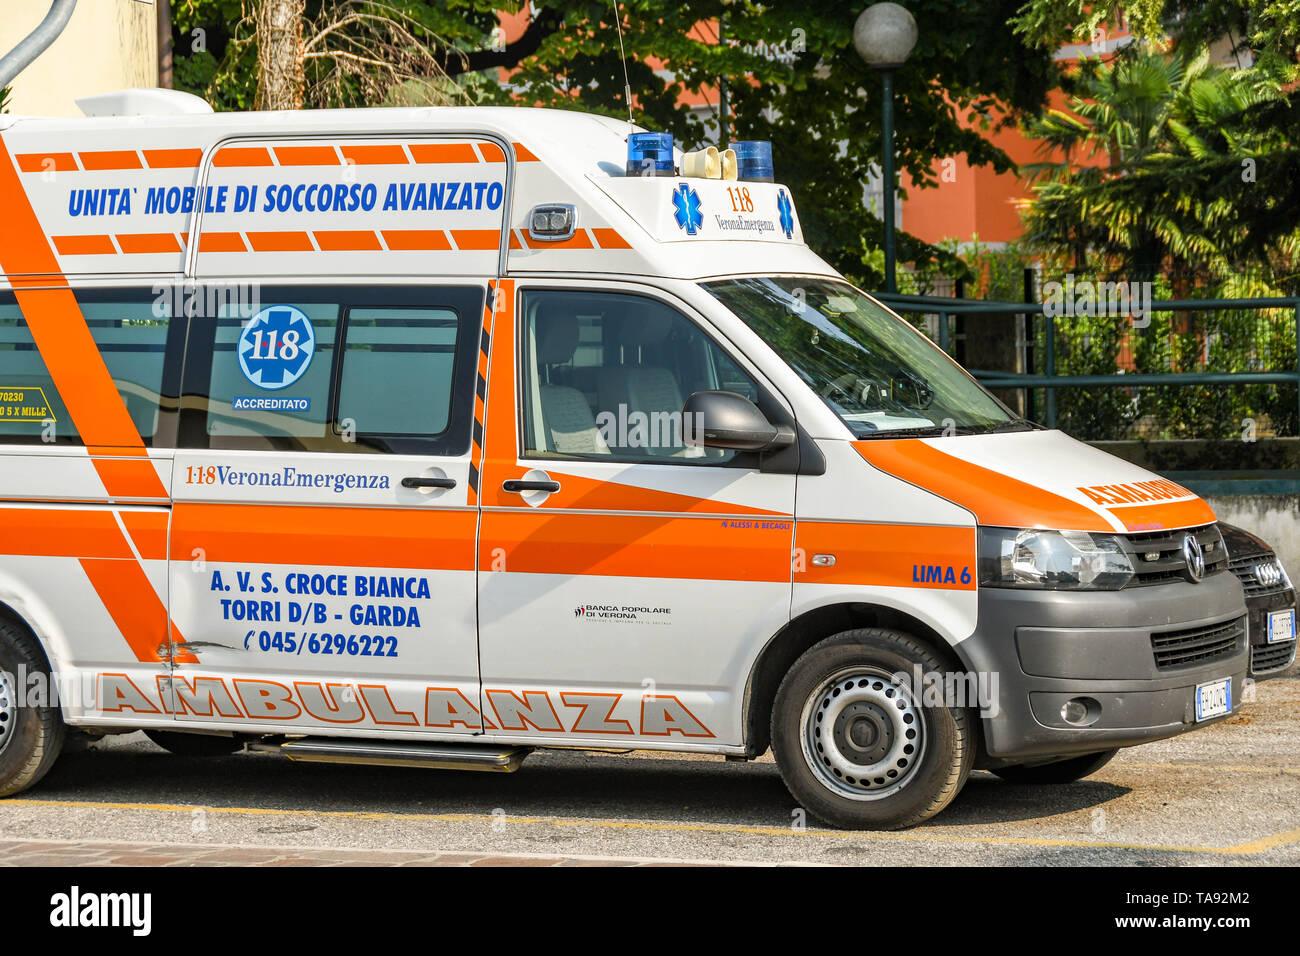 GARDA, LAKE GARDA, ITALY - SEPTEMBER 2018: Emergency ambulance parked on a street in Garda on Lake Garda Stock Photo